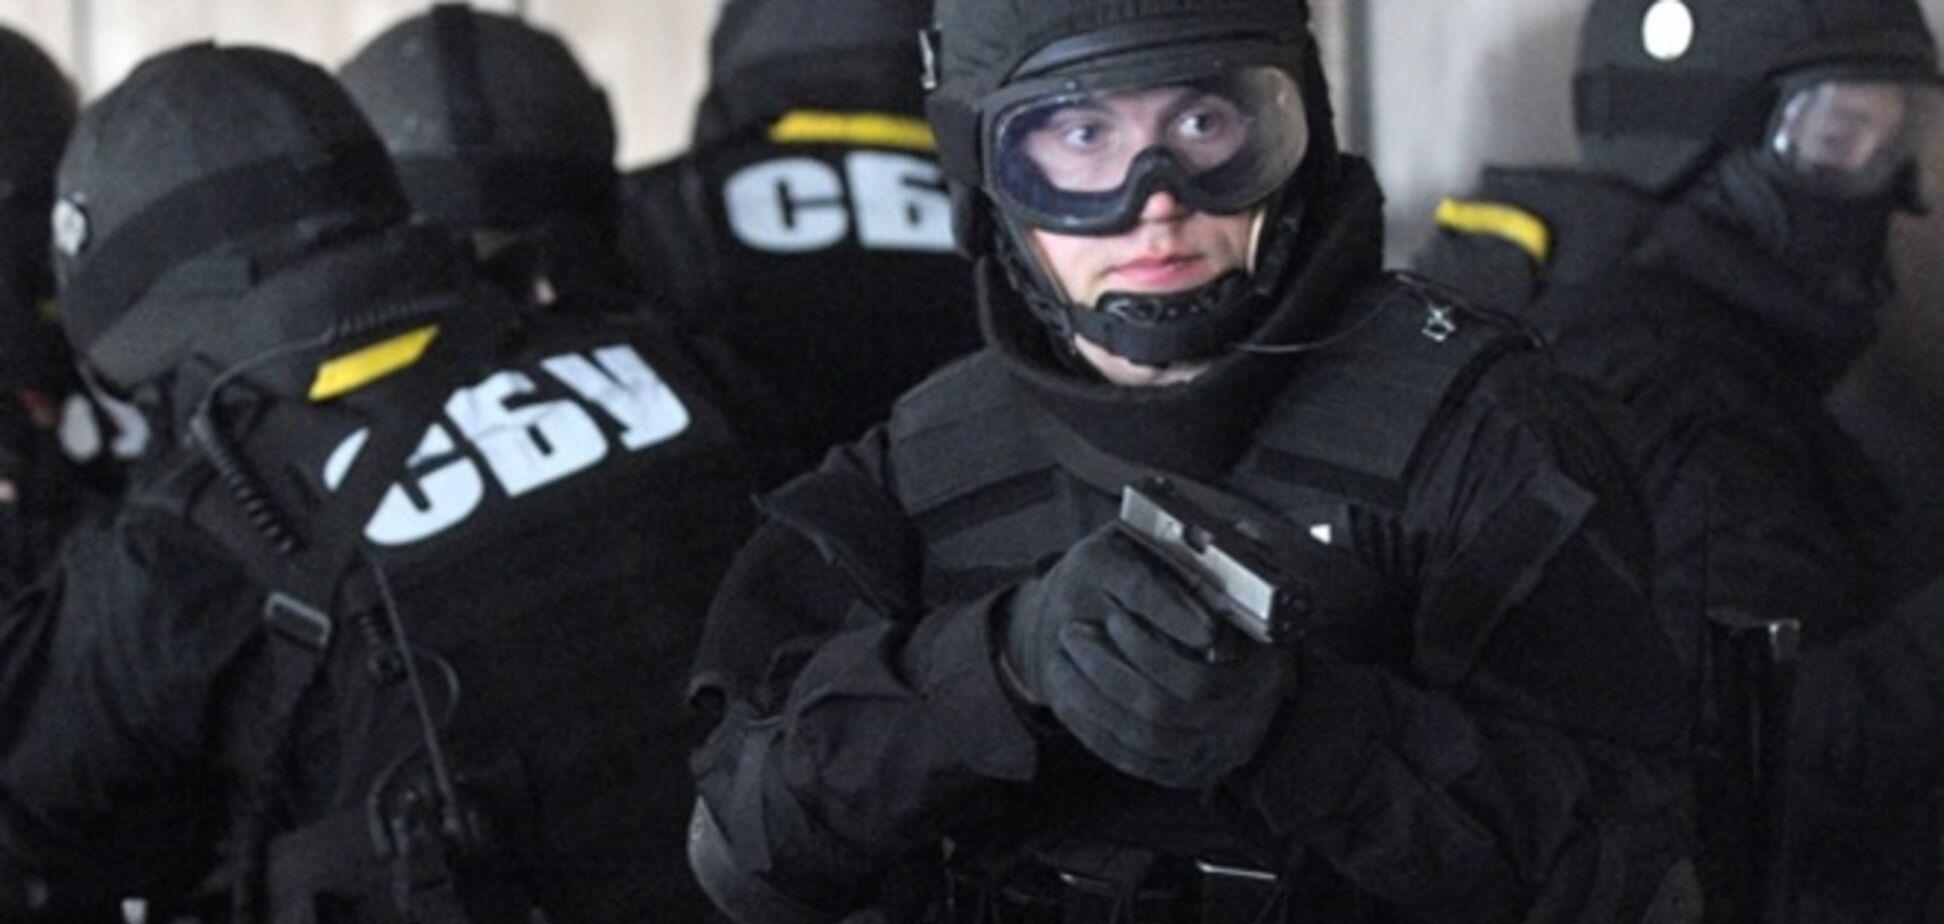 СБУ предотвратила угон военного самолета завербованным спецслужбами РФ украинским военнослужащим